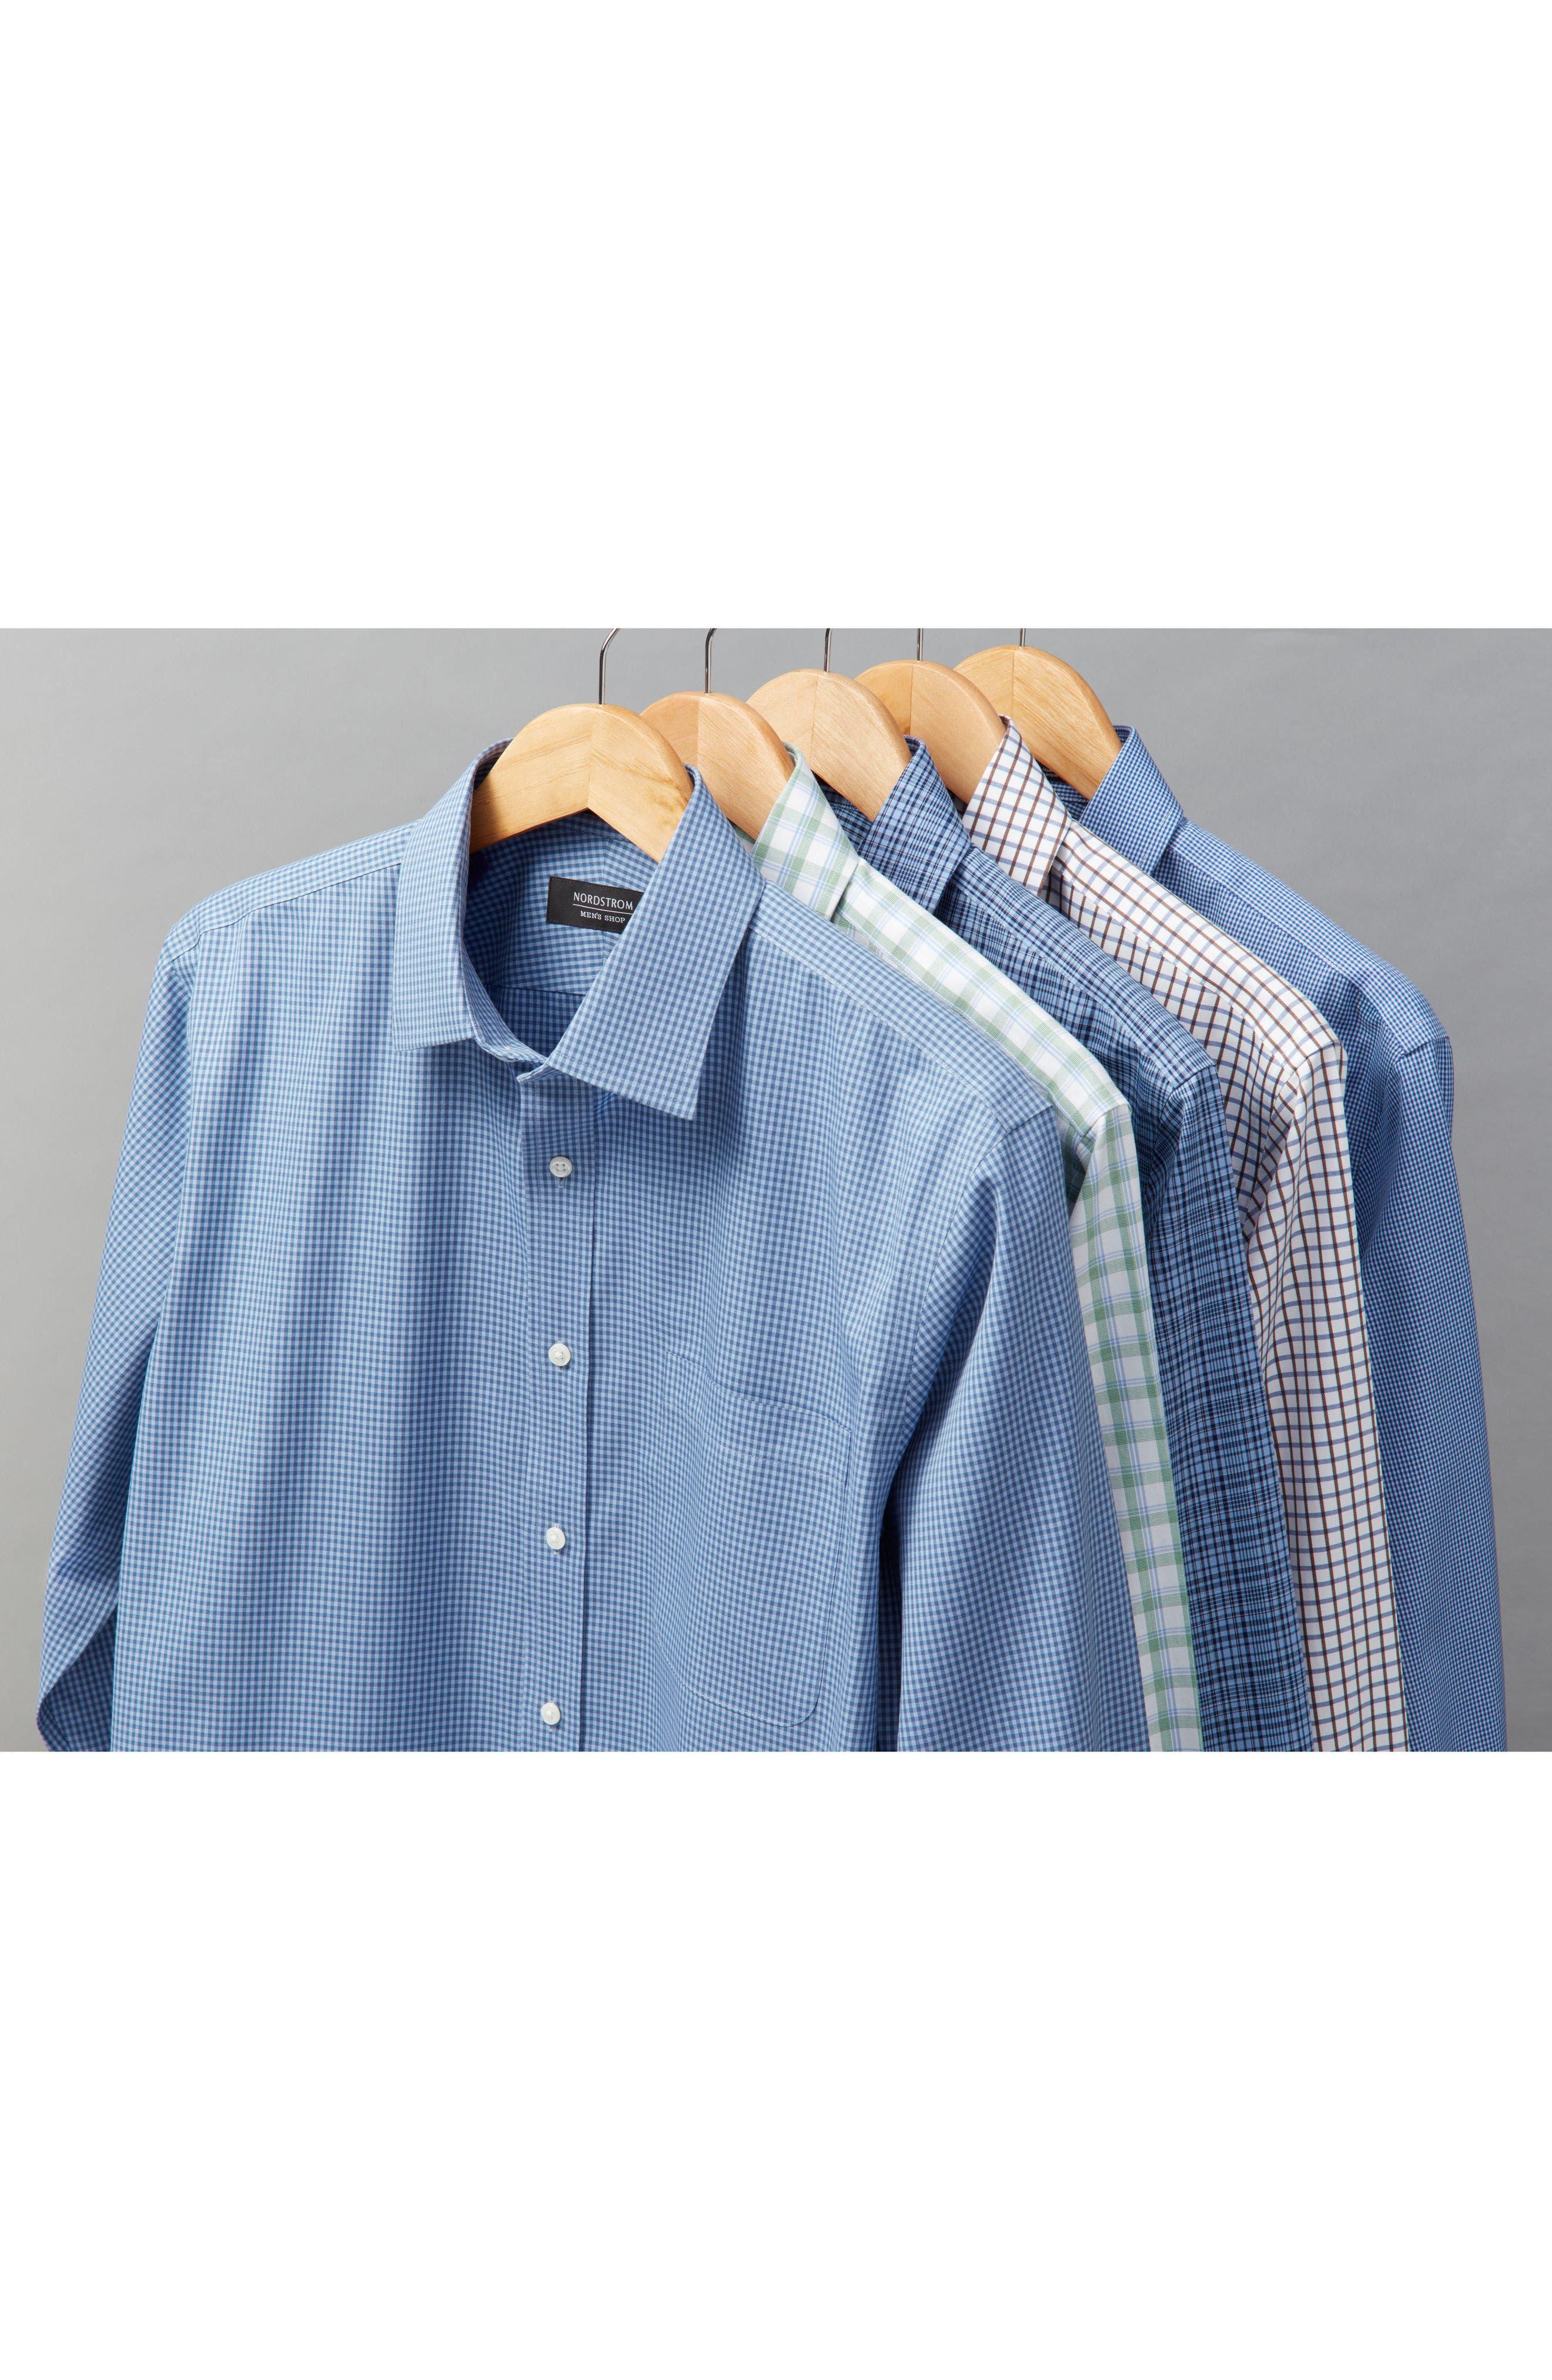 Smartcare<sup>™</sup> Trim Fit Check Dress Shirt,                             Alternate thumbnail 4, color,